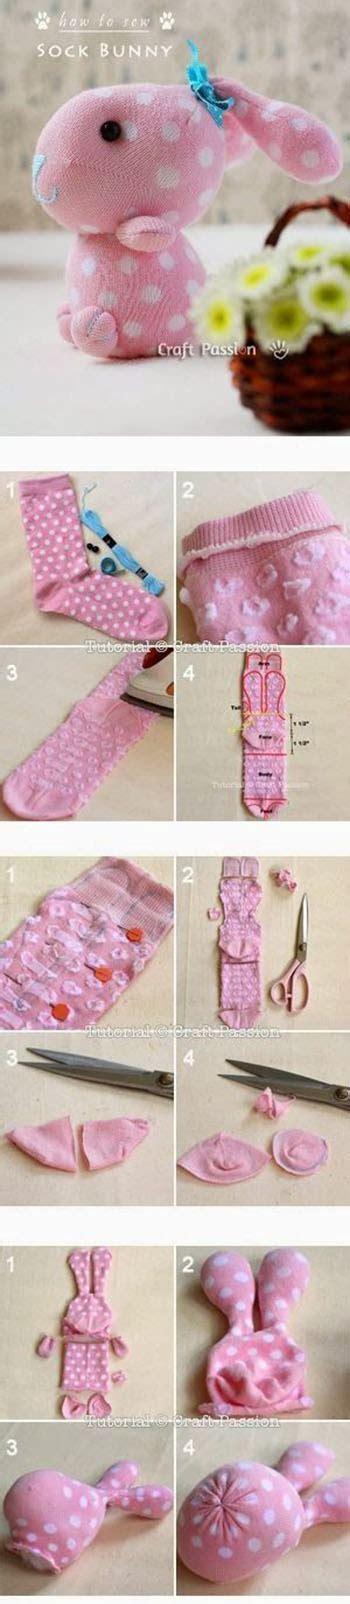 diy sock bunny best diy ideas